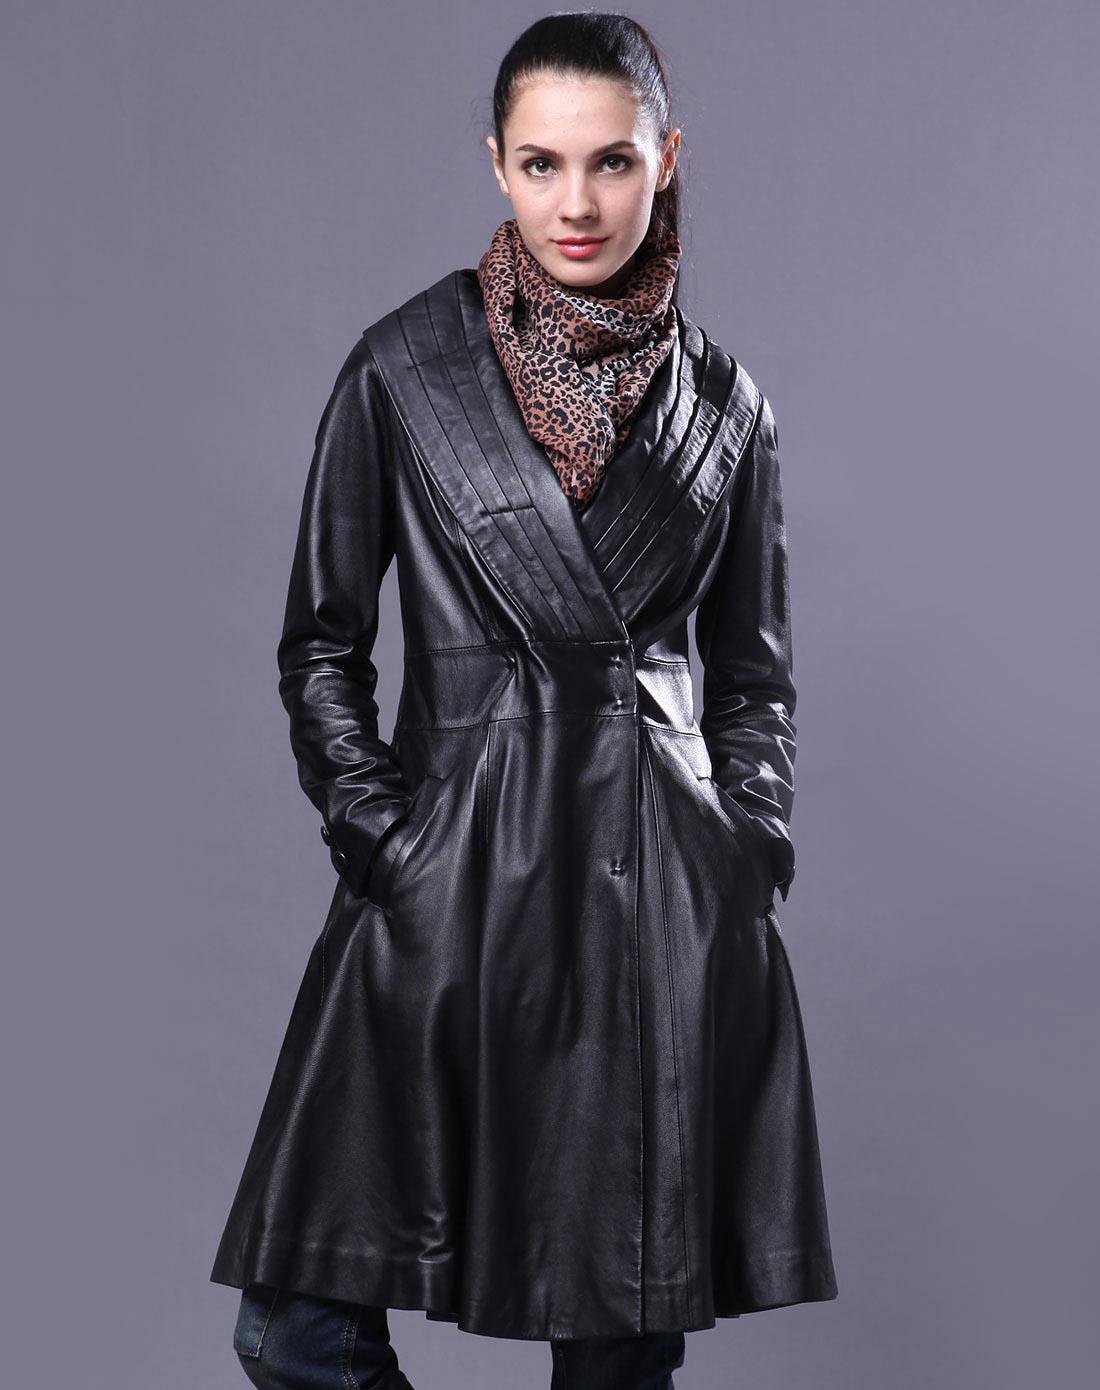 一直男女装皮衣专场女款黑色真皮皮衣s106642m806